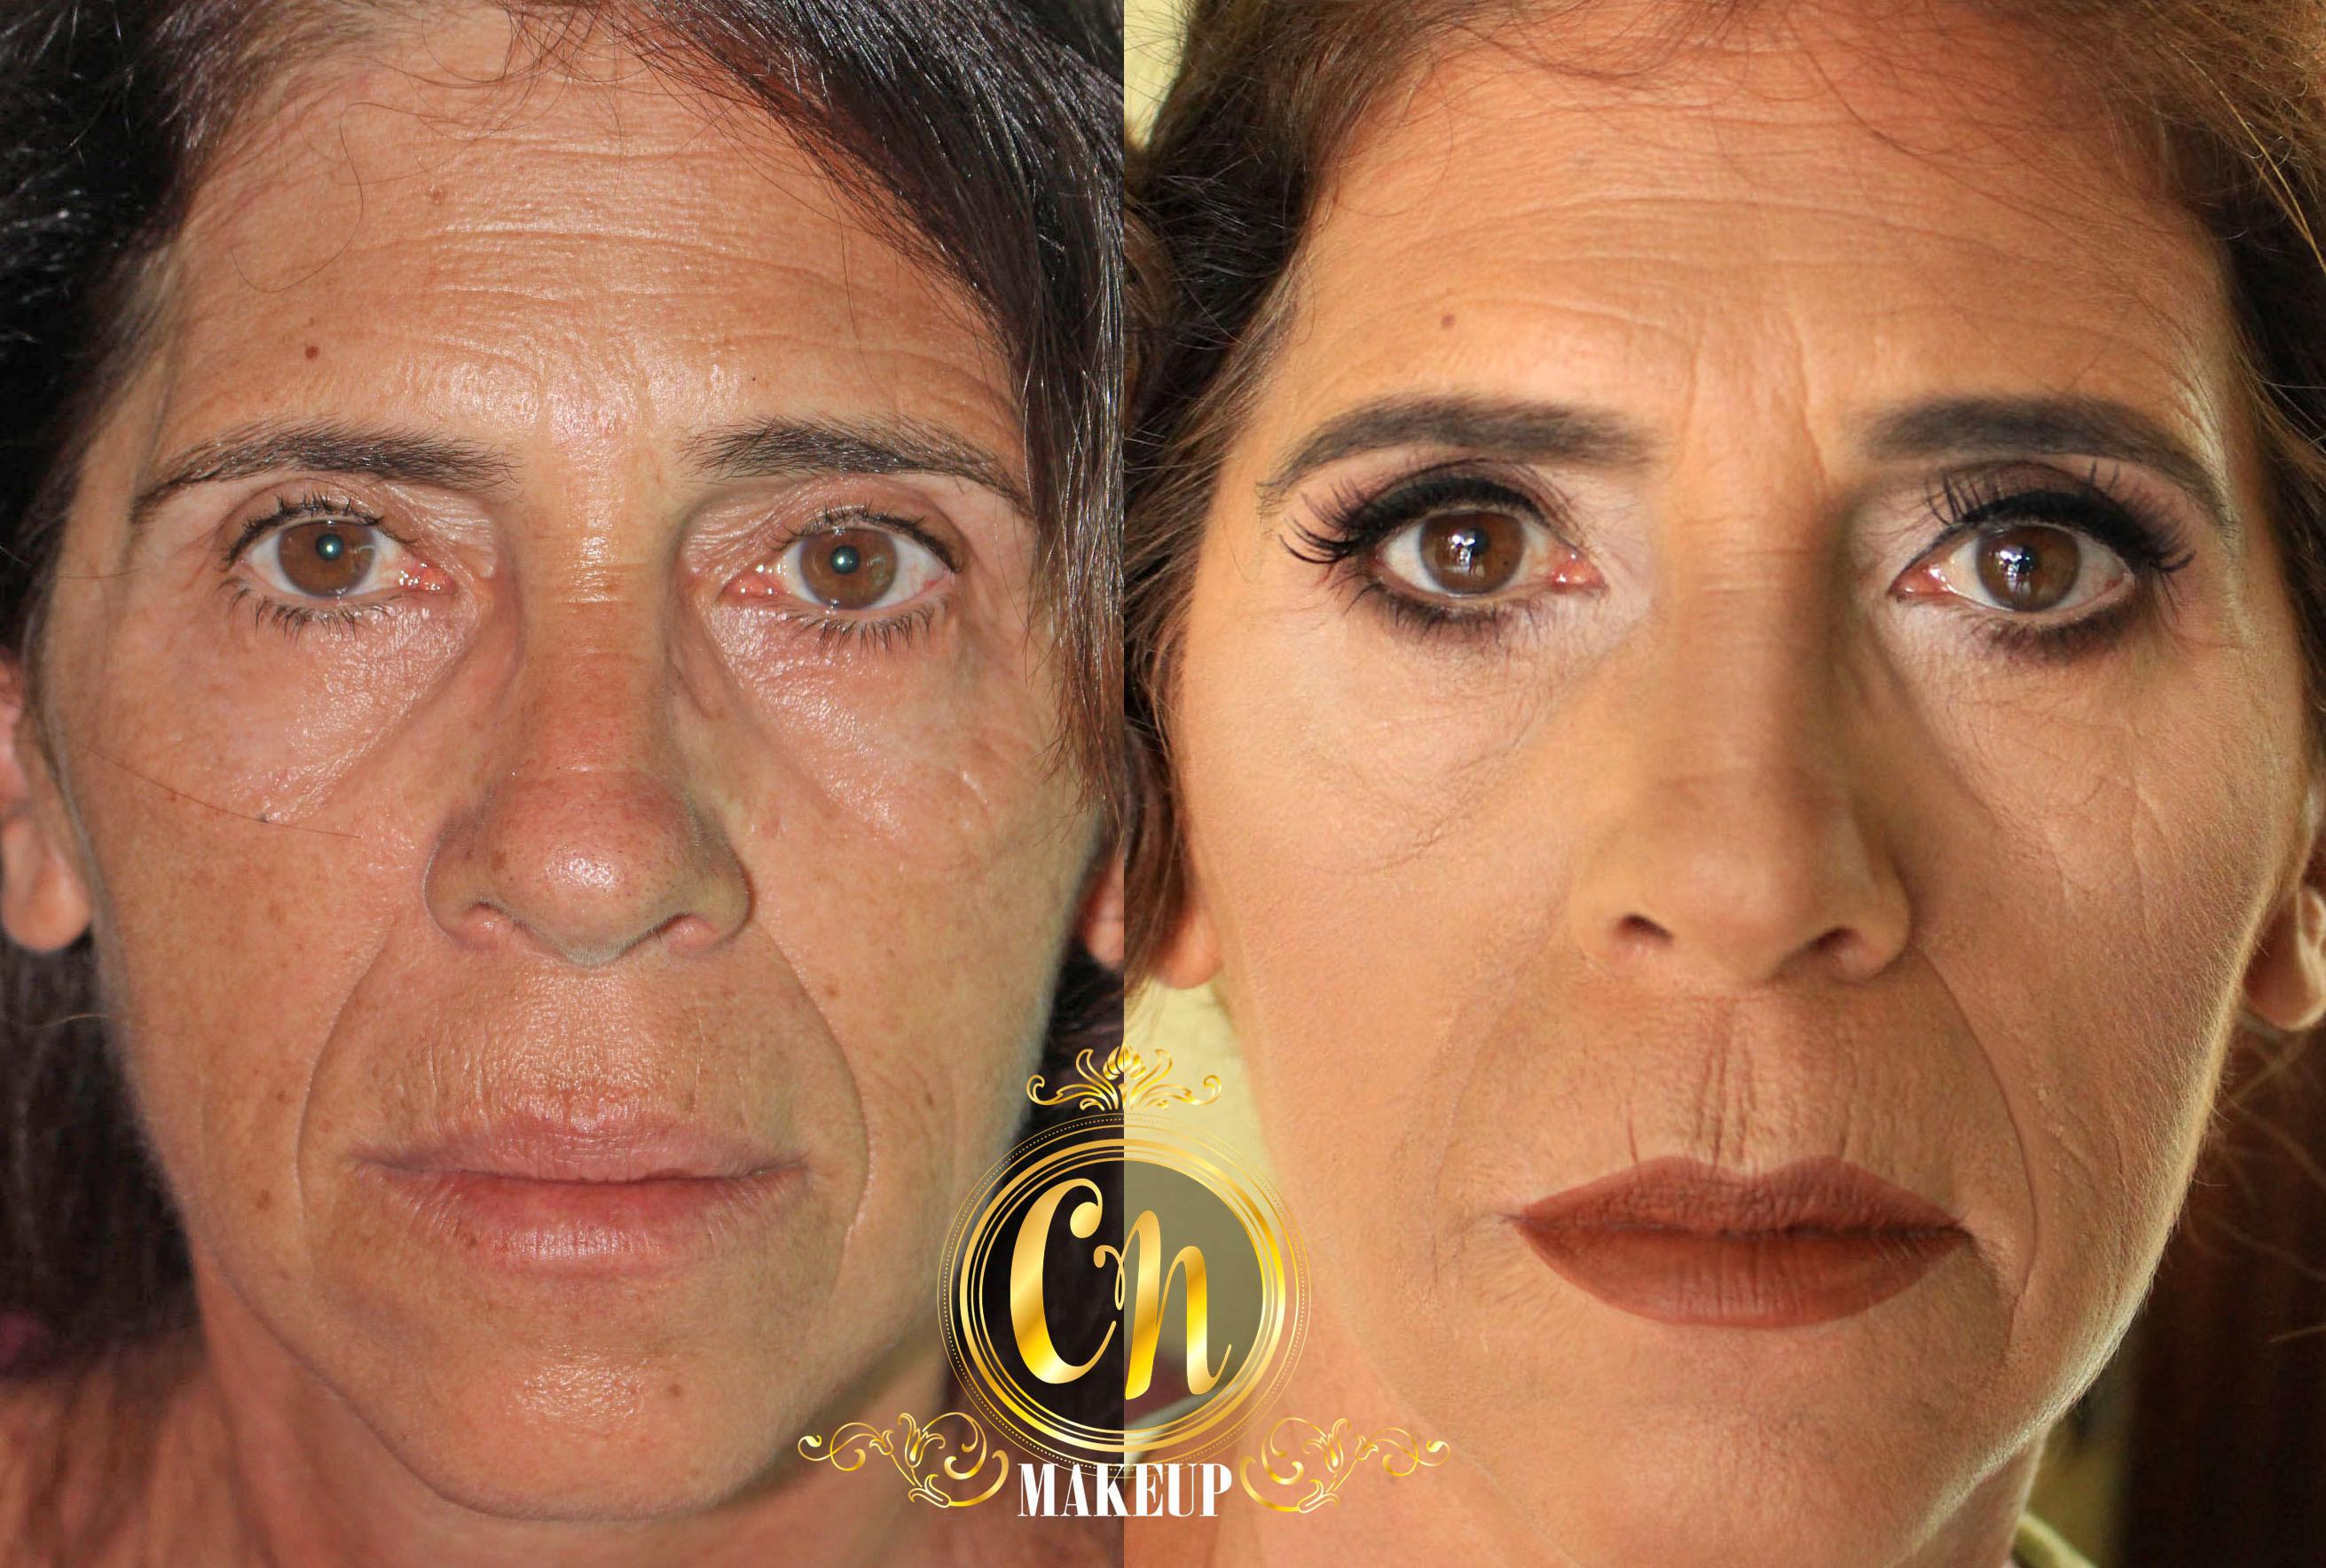 Antes e depois de pele madura! Maquiagem neutra para casamento :)  #maquiagem #maquiagempro #maquiagemubatuba #maquiagemcasamento #pelemadura #maquiagempelemadura #antesedepois #producao #madrinha #maquiagemmadrinha #maquiadoraubatuba #portfolio #mua #makeuptransformation #beforeafter maquiagem maquiador(a)